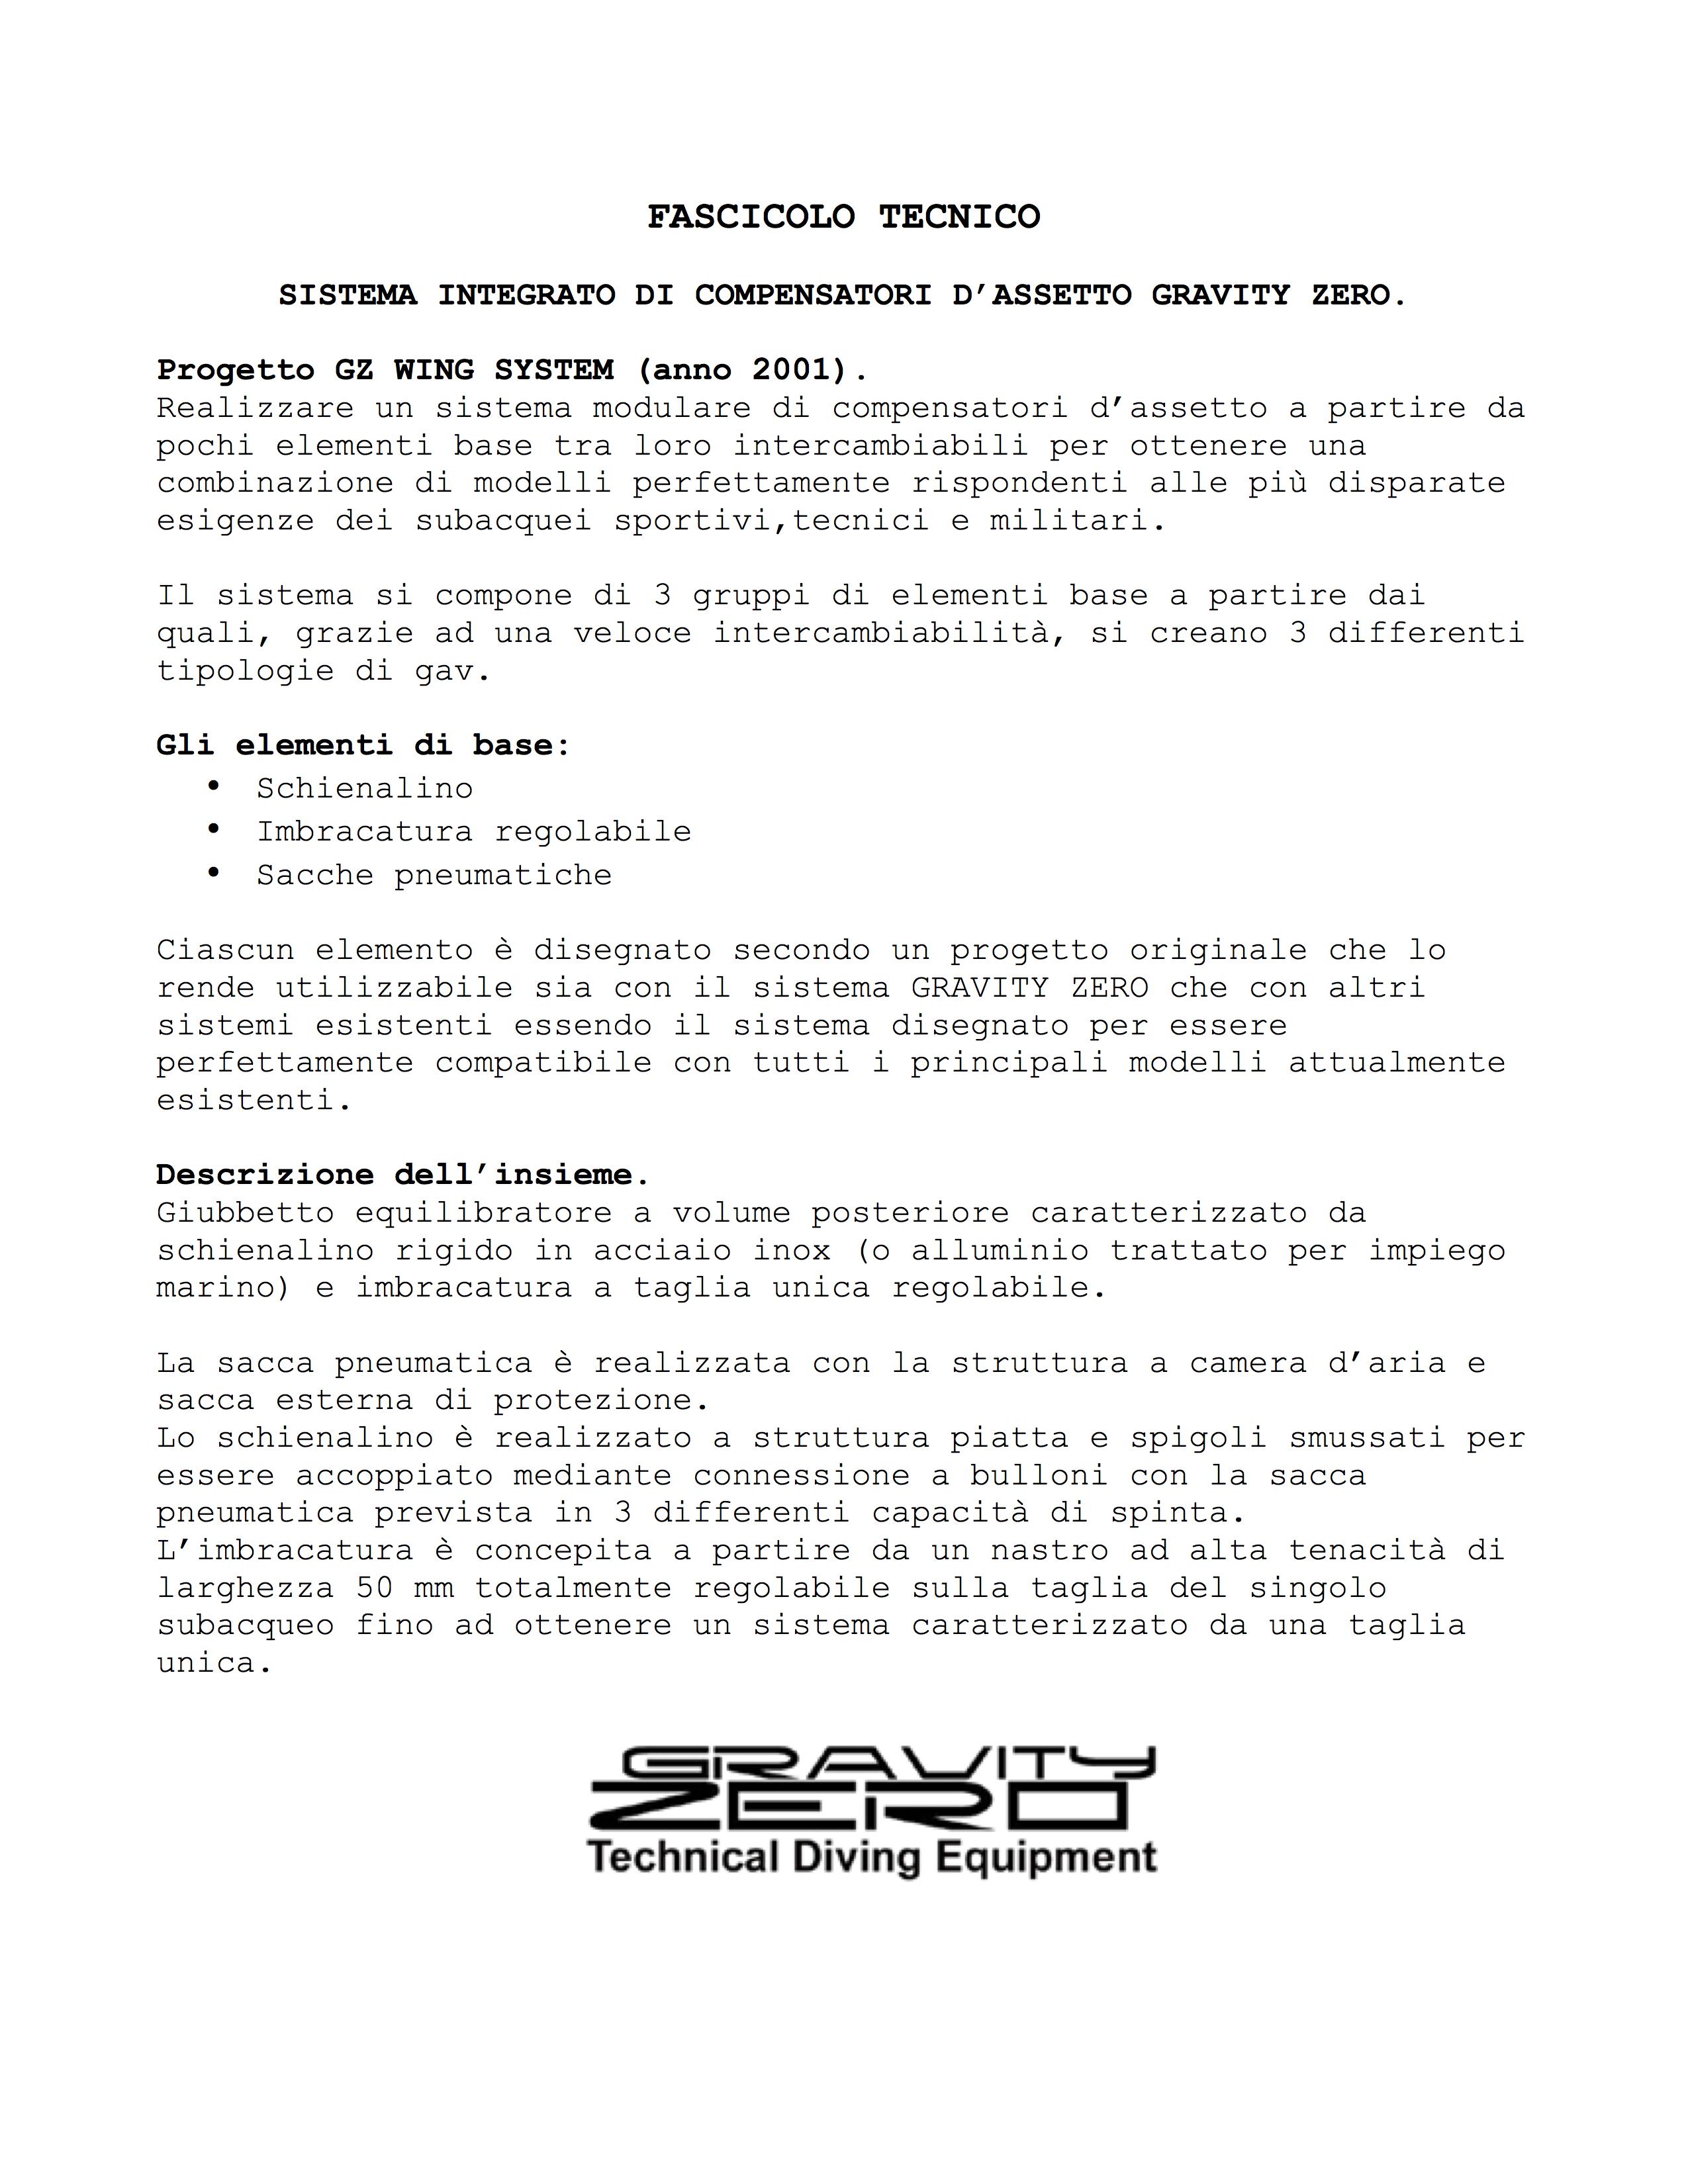 Fascicolo tecnico del progetto GZ WING SYSTEM